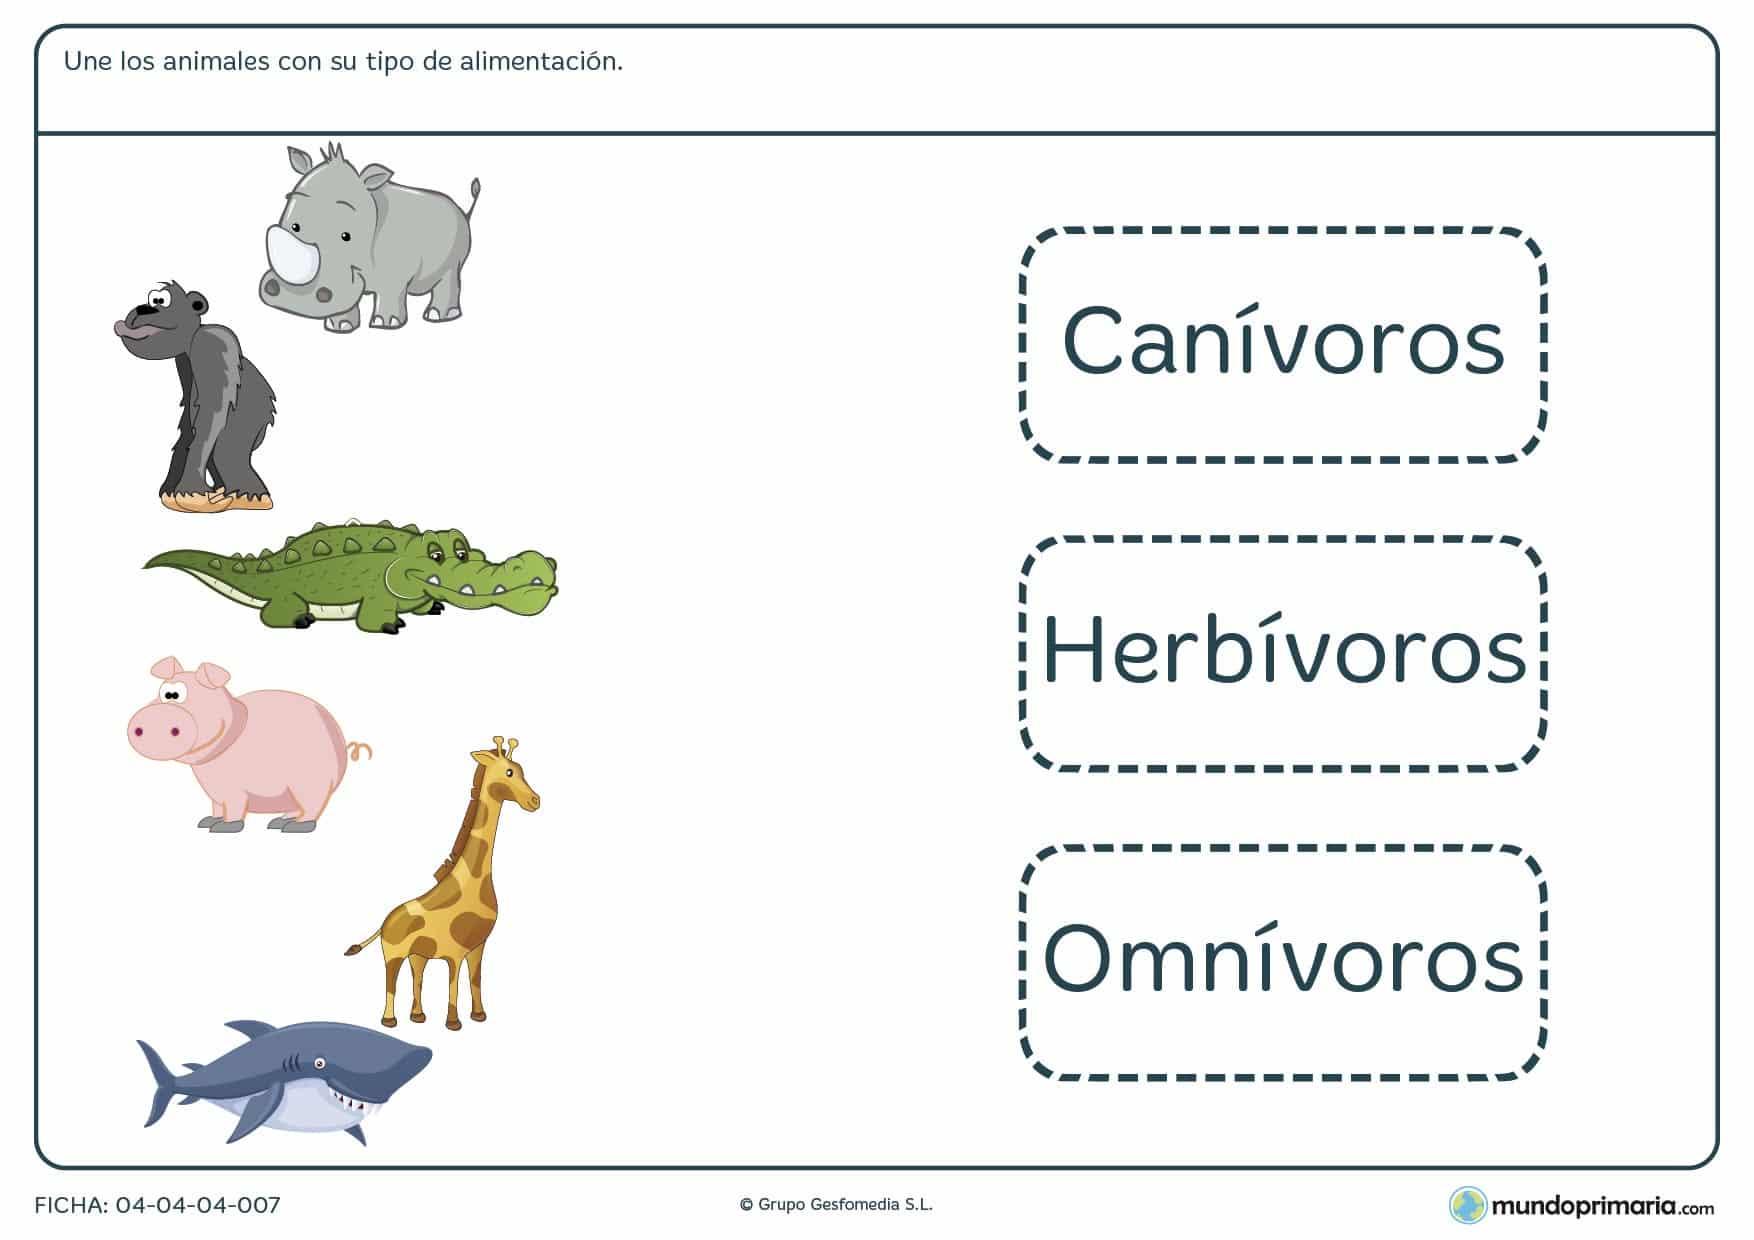 Ficha de animales y su alimentación en el que hay que unir los animales del ejercicio con el tipo de alimentación que corresponda a dicho animal.